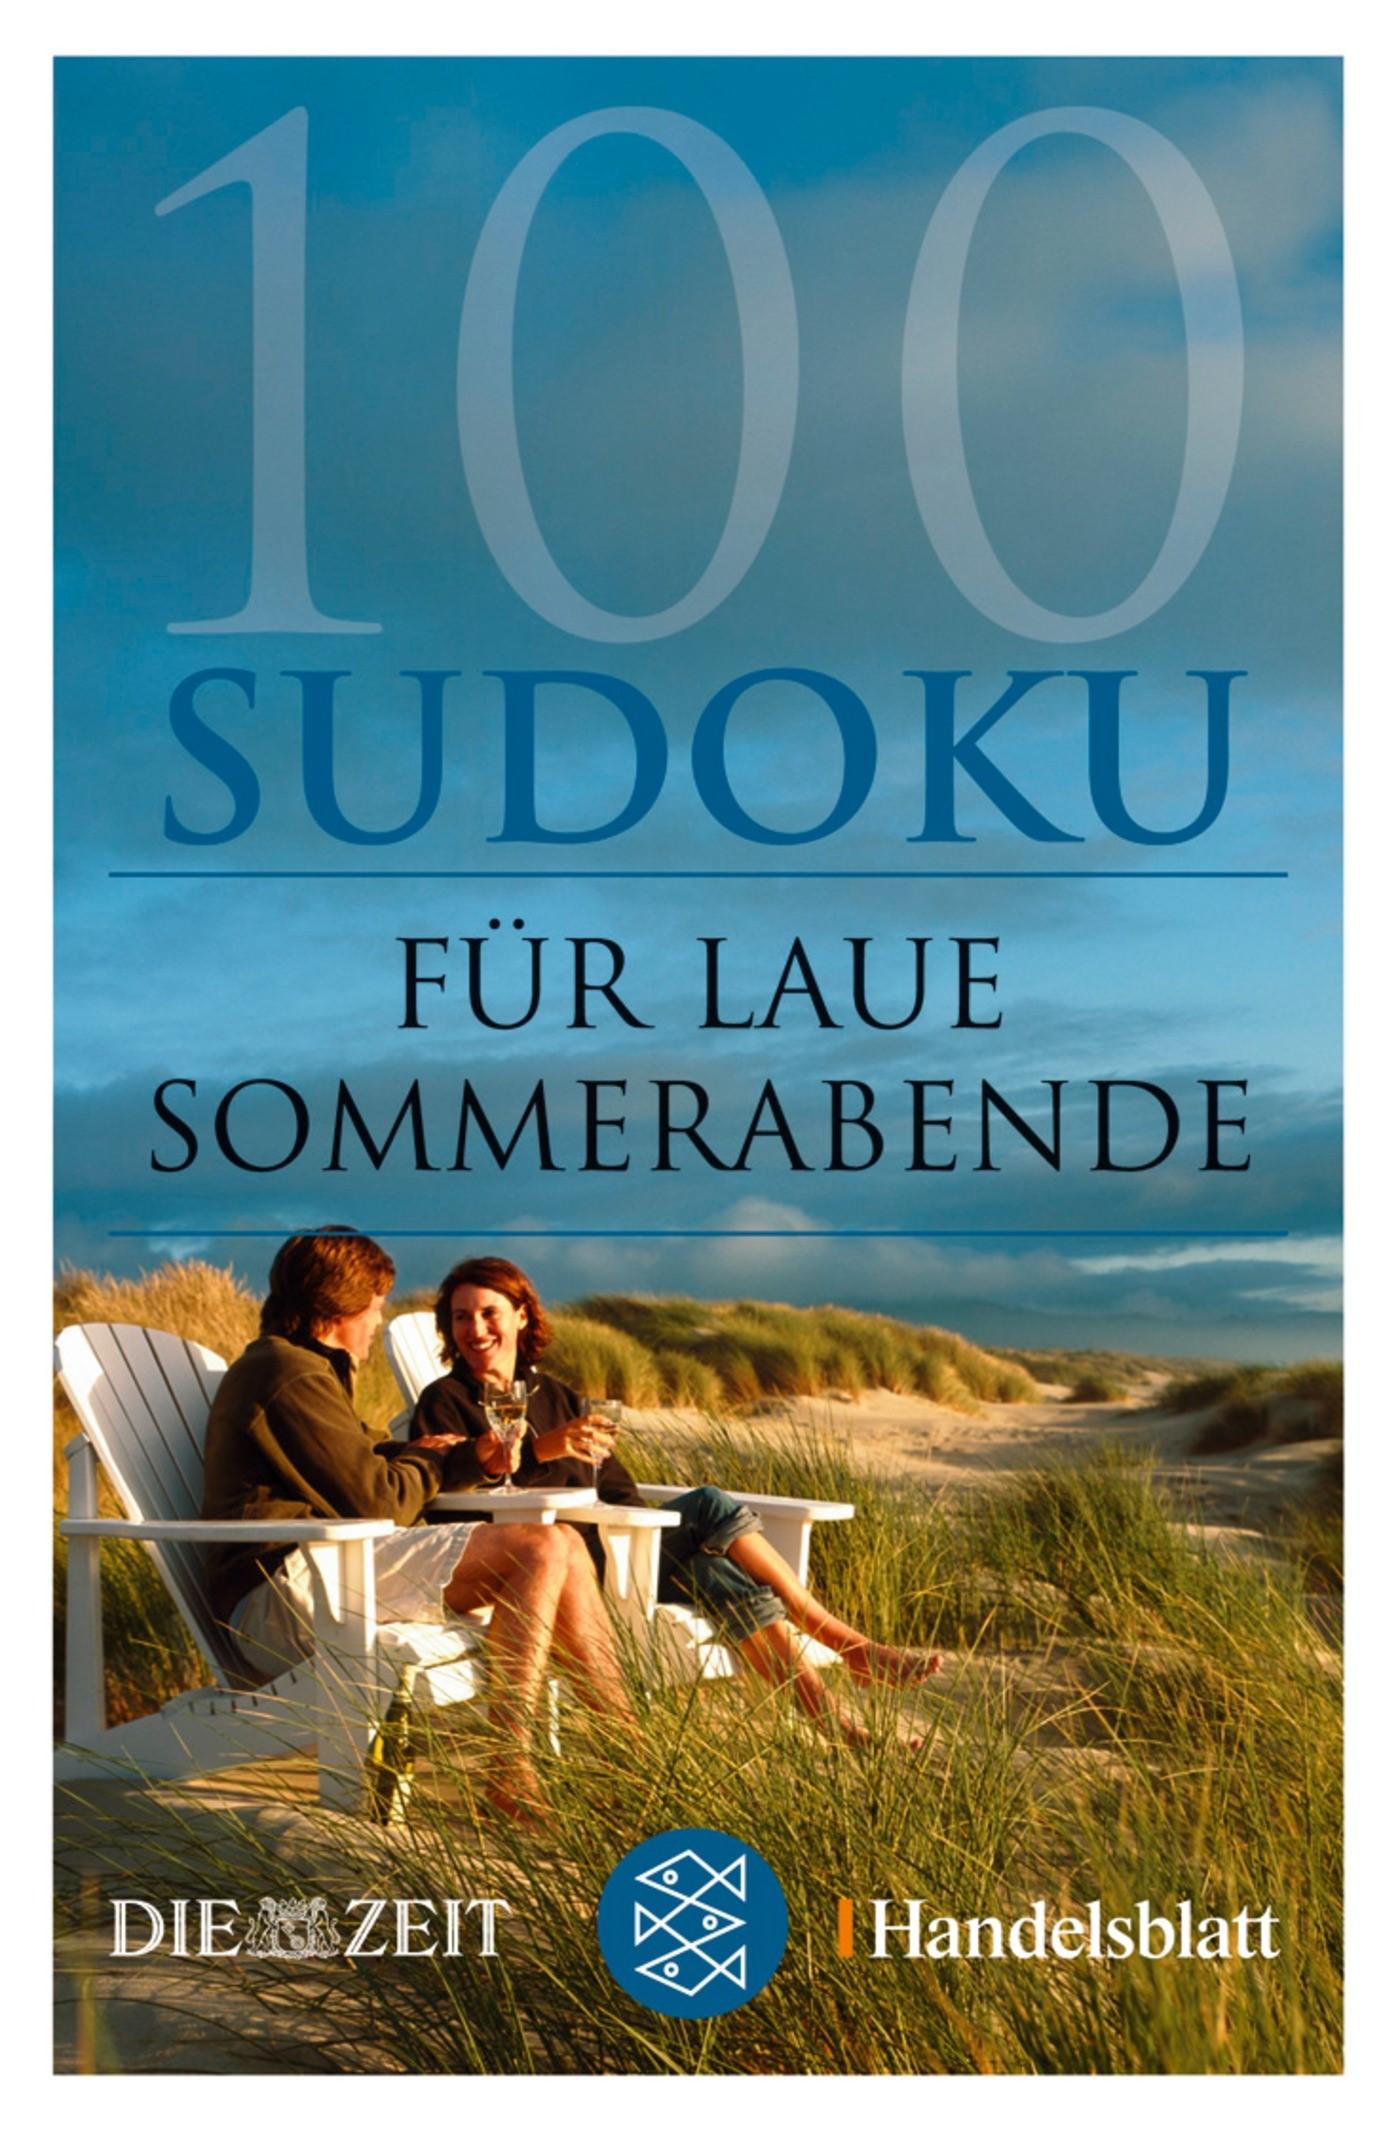 100 Sudoku für laue Sommerabende, 2007 | Buch (Cover)